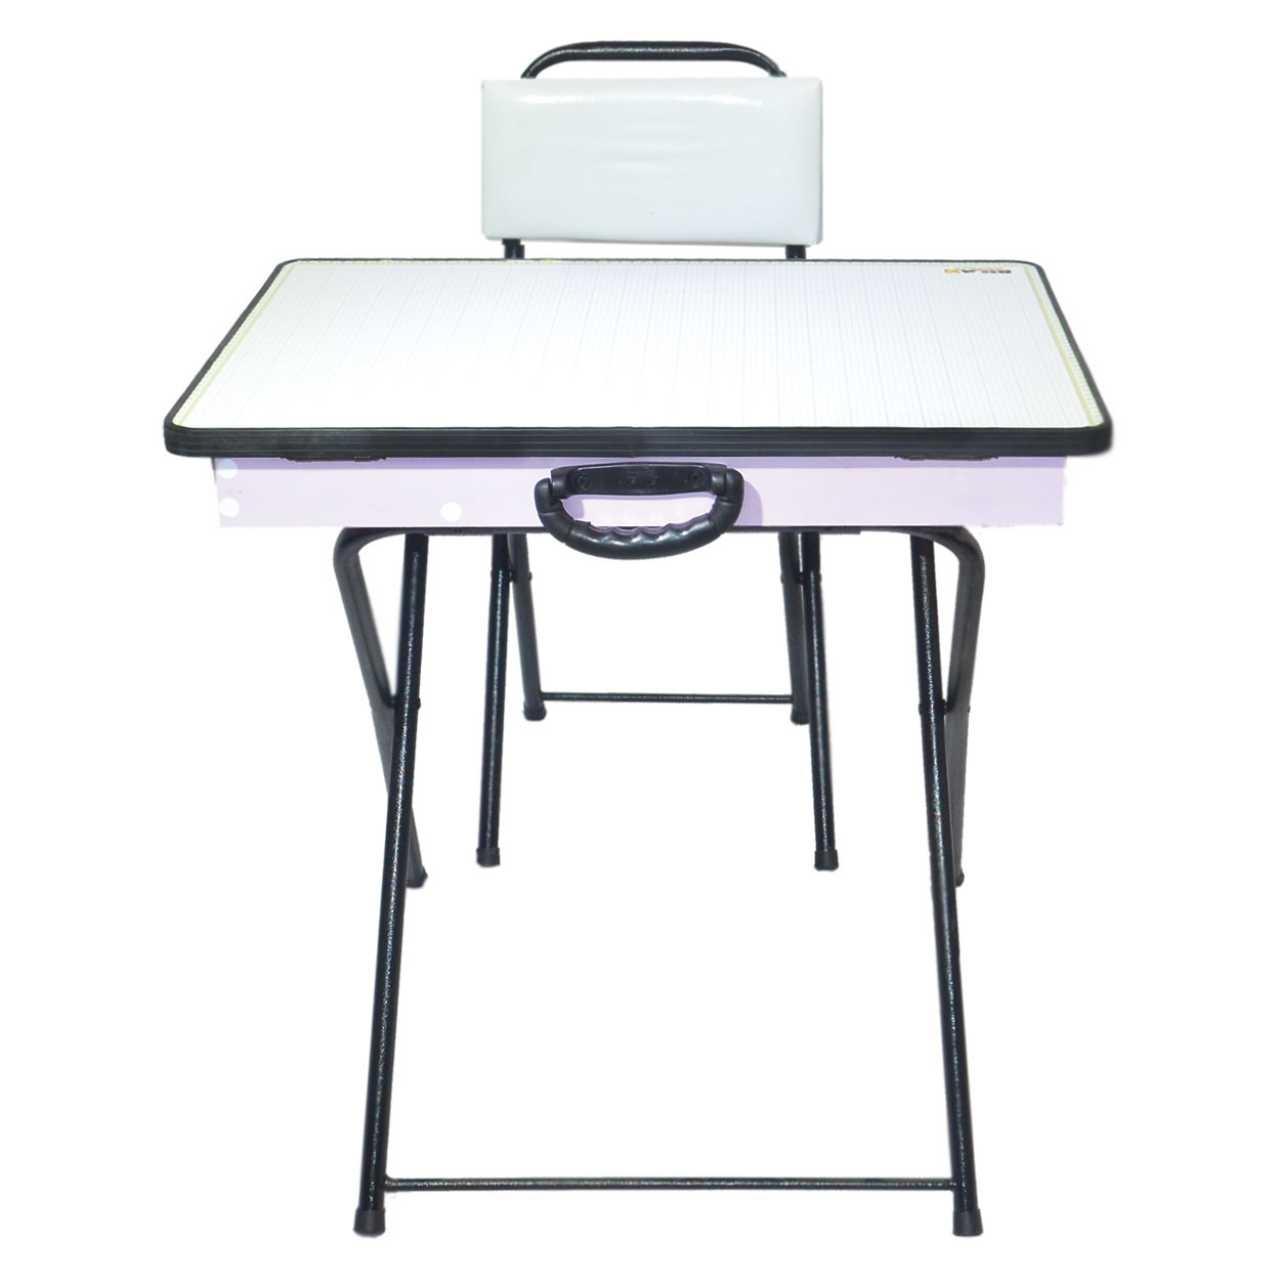 میز و صندلی  تحریر تاشو بیلن مدل M1-طرح ساده